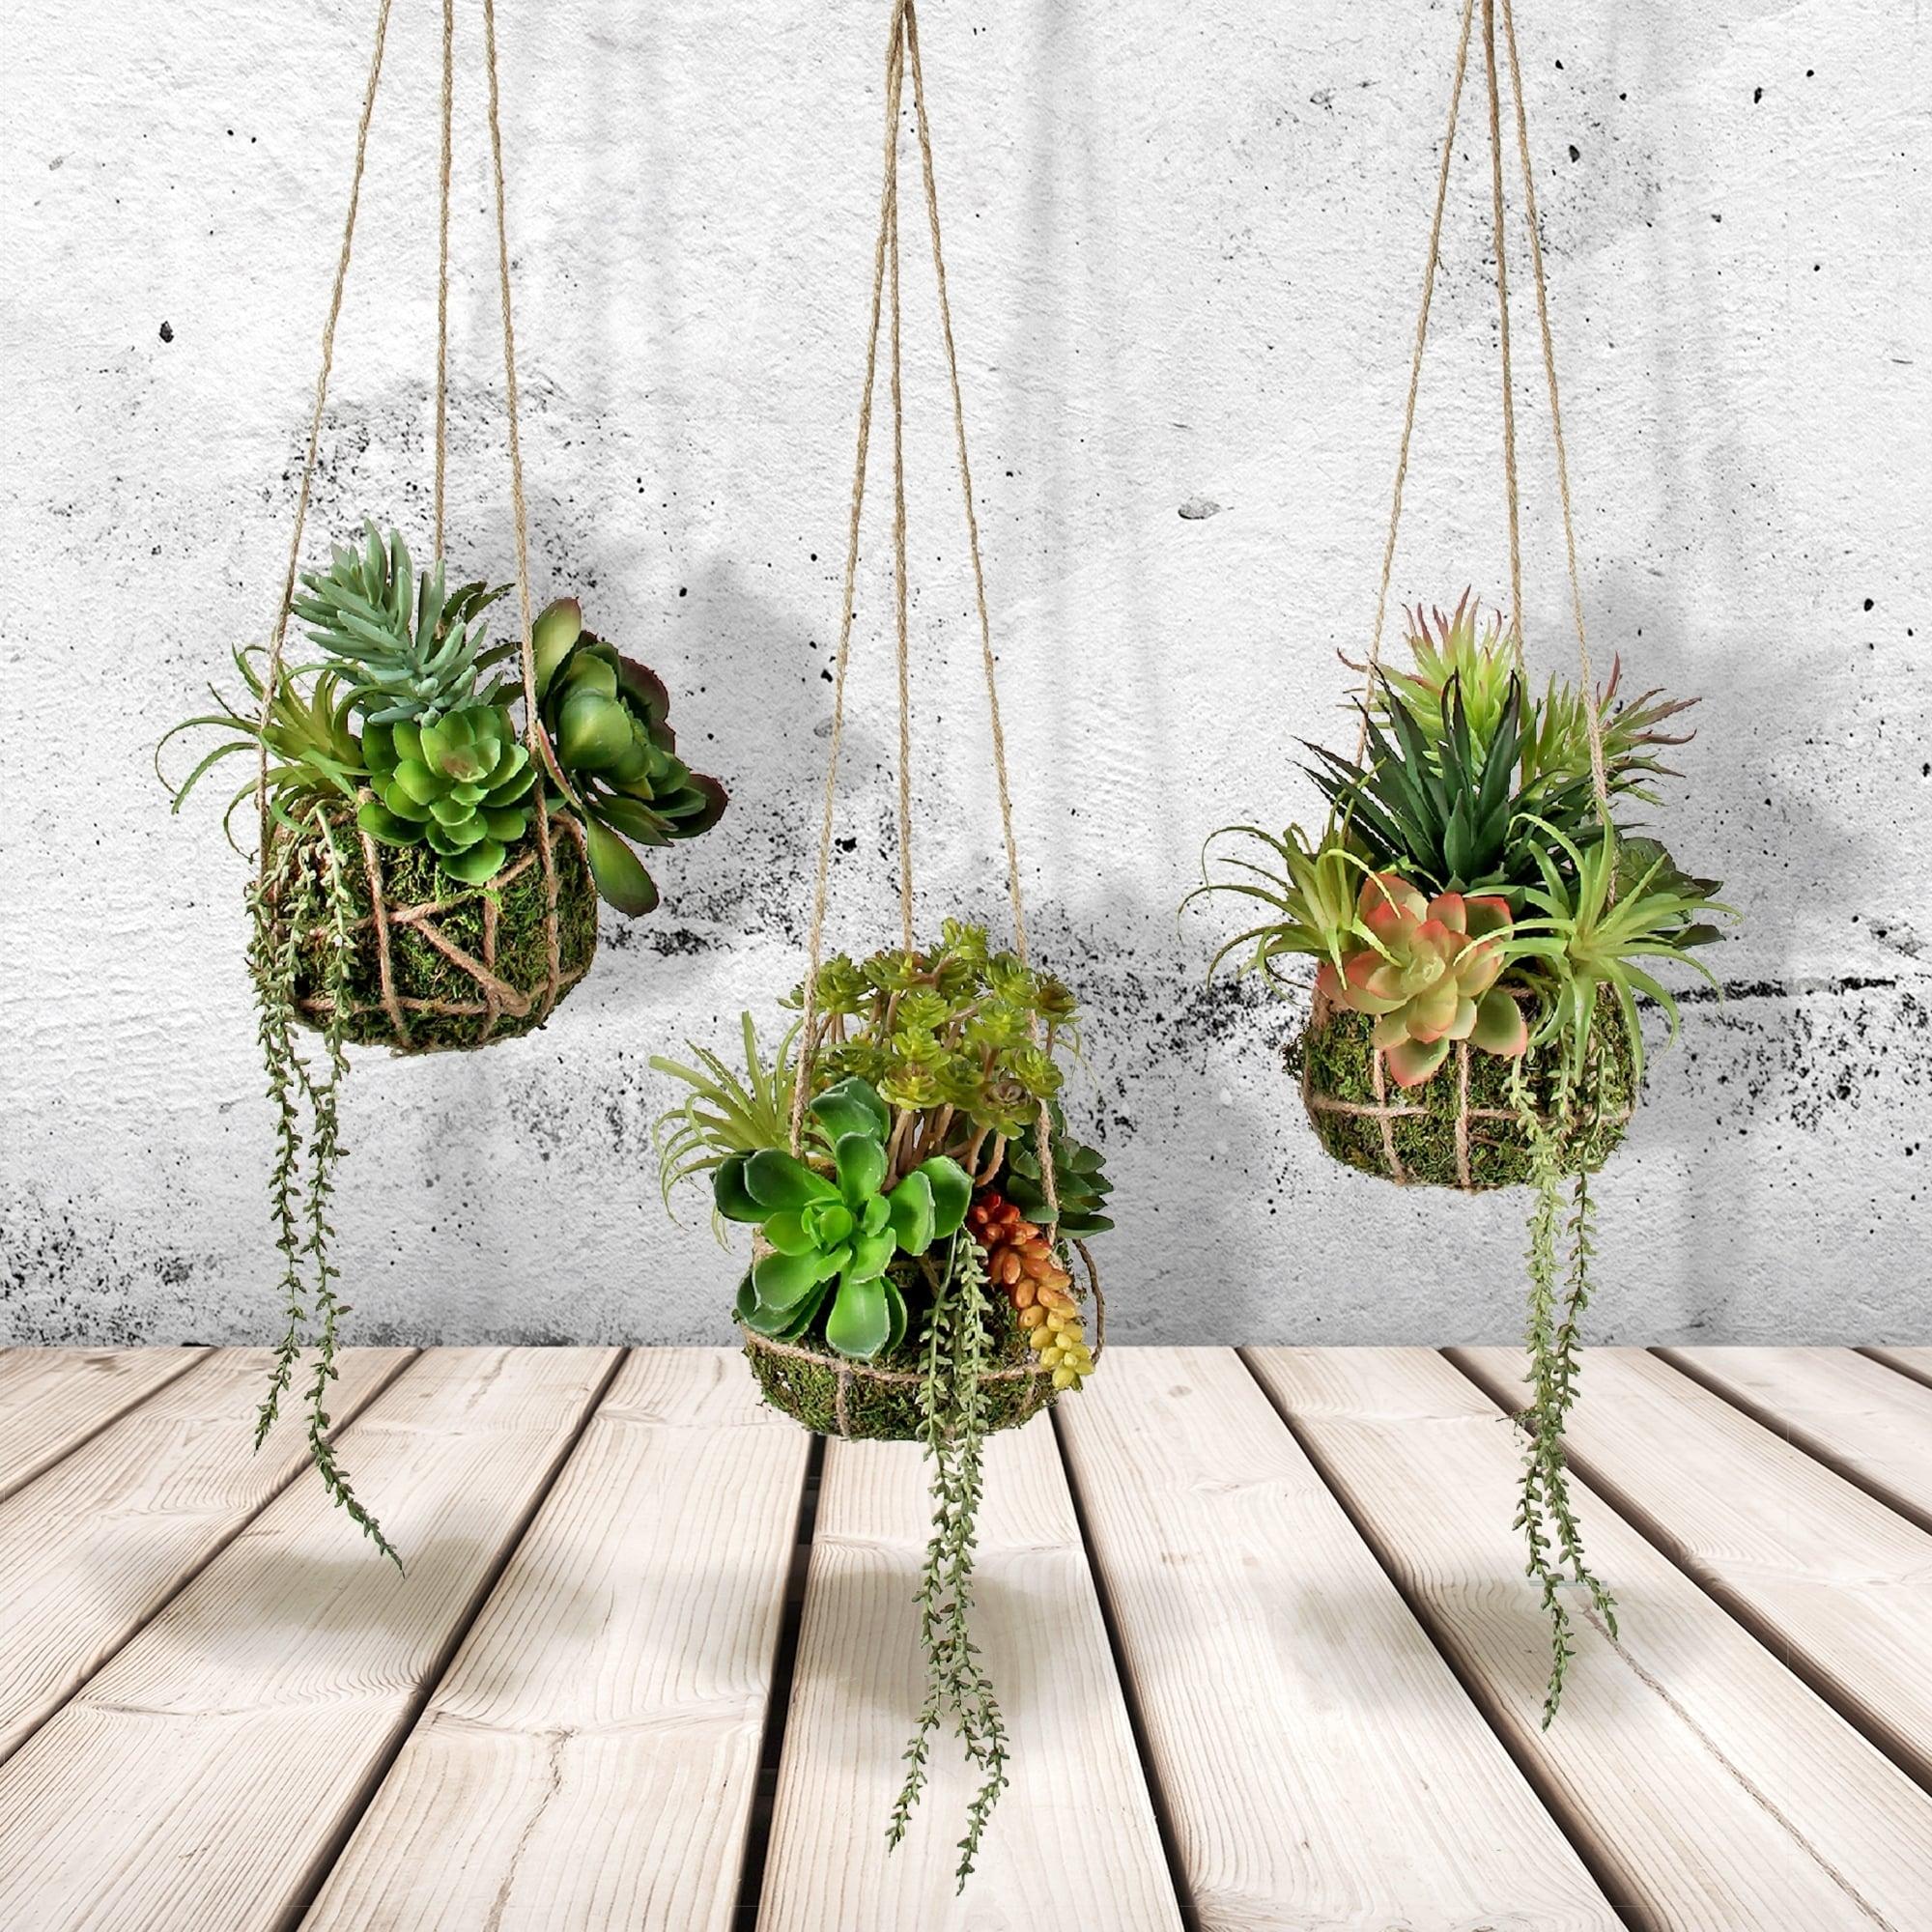 Plastic Hanging Succulent In Root Ball 24 3 Piece Set Overstock 28353246